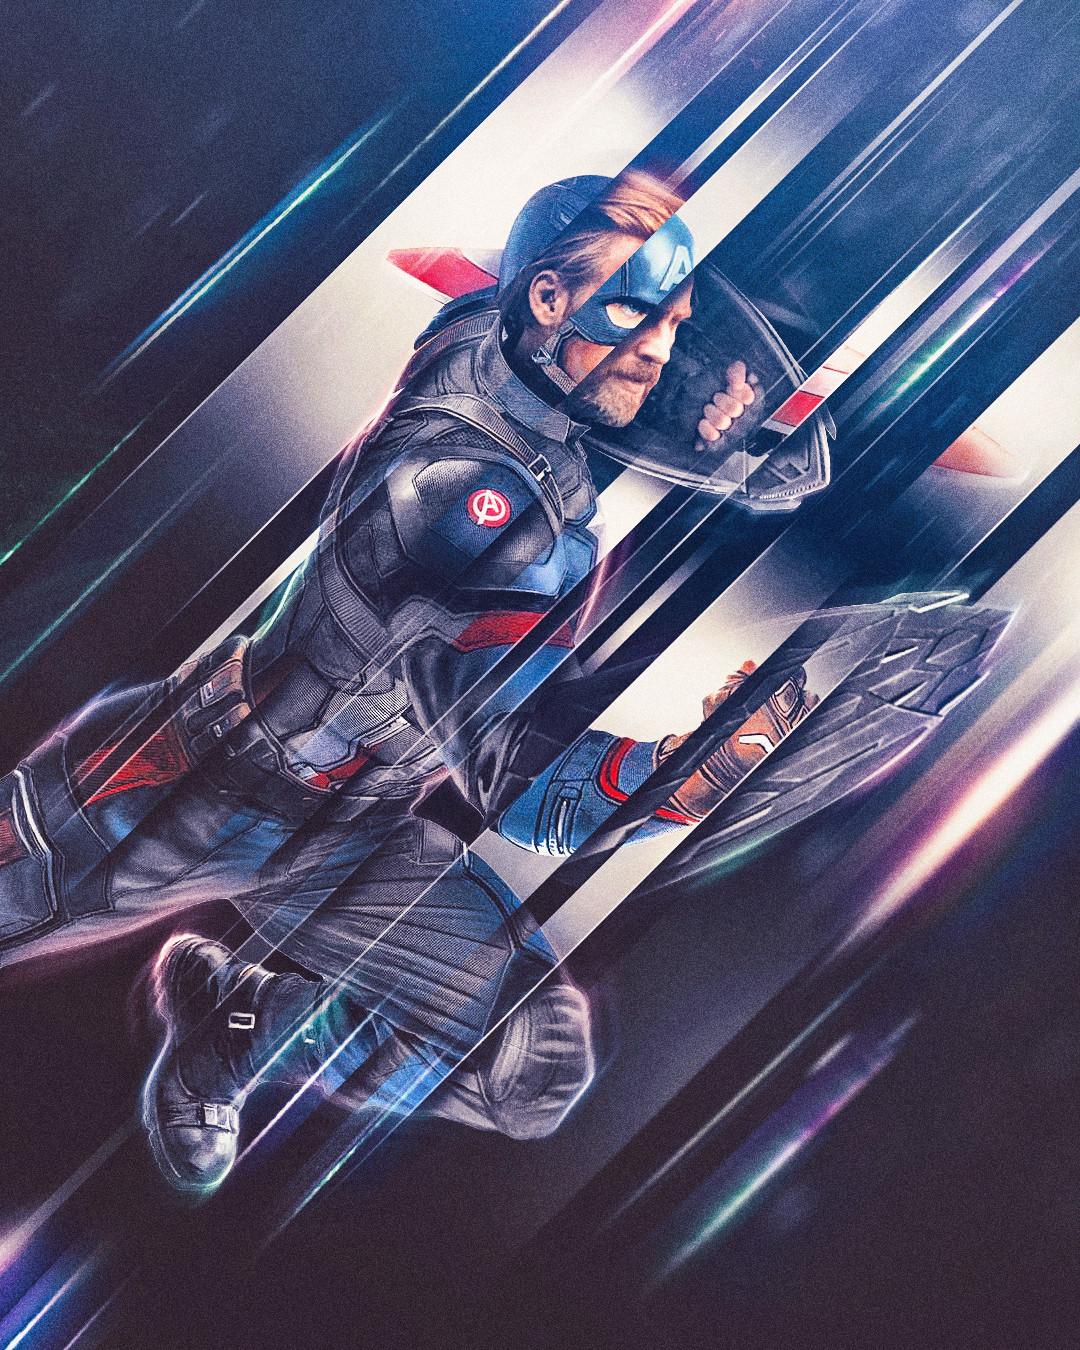 Steve Rogers / Cap